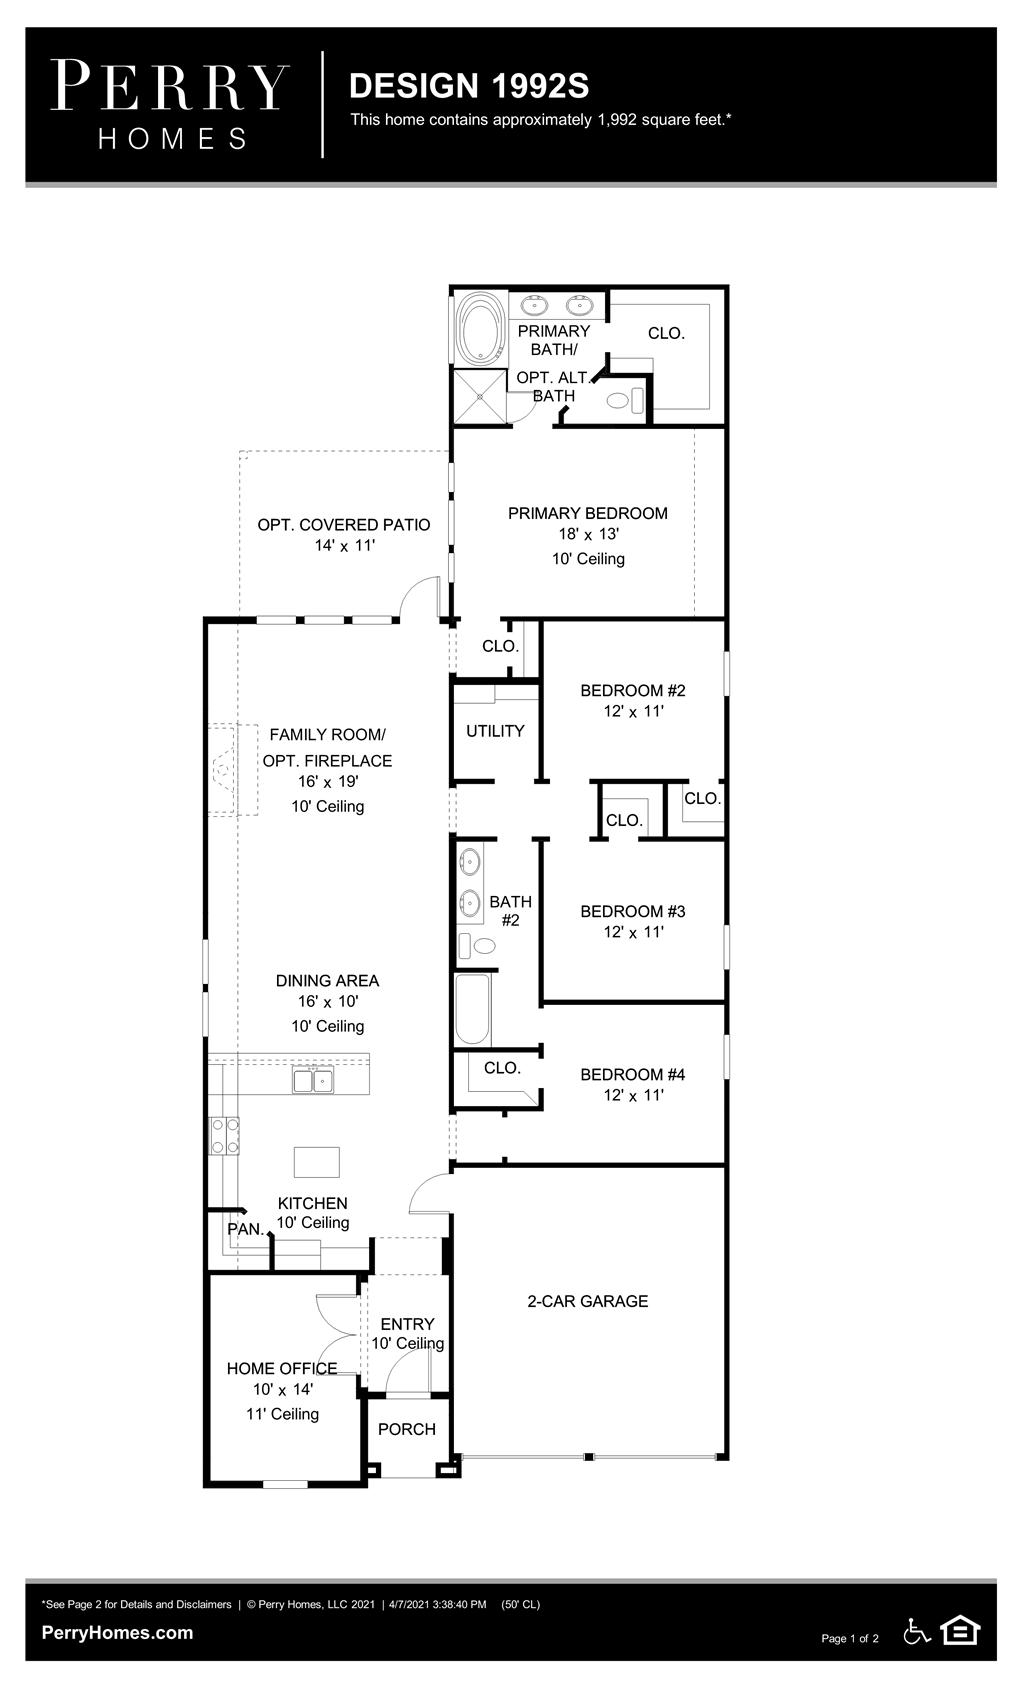 Floor Plan for 1992S